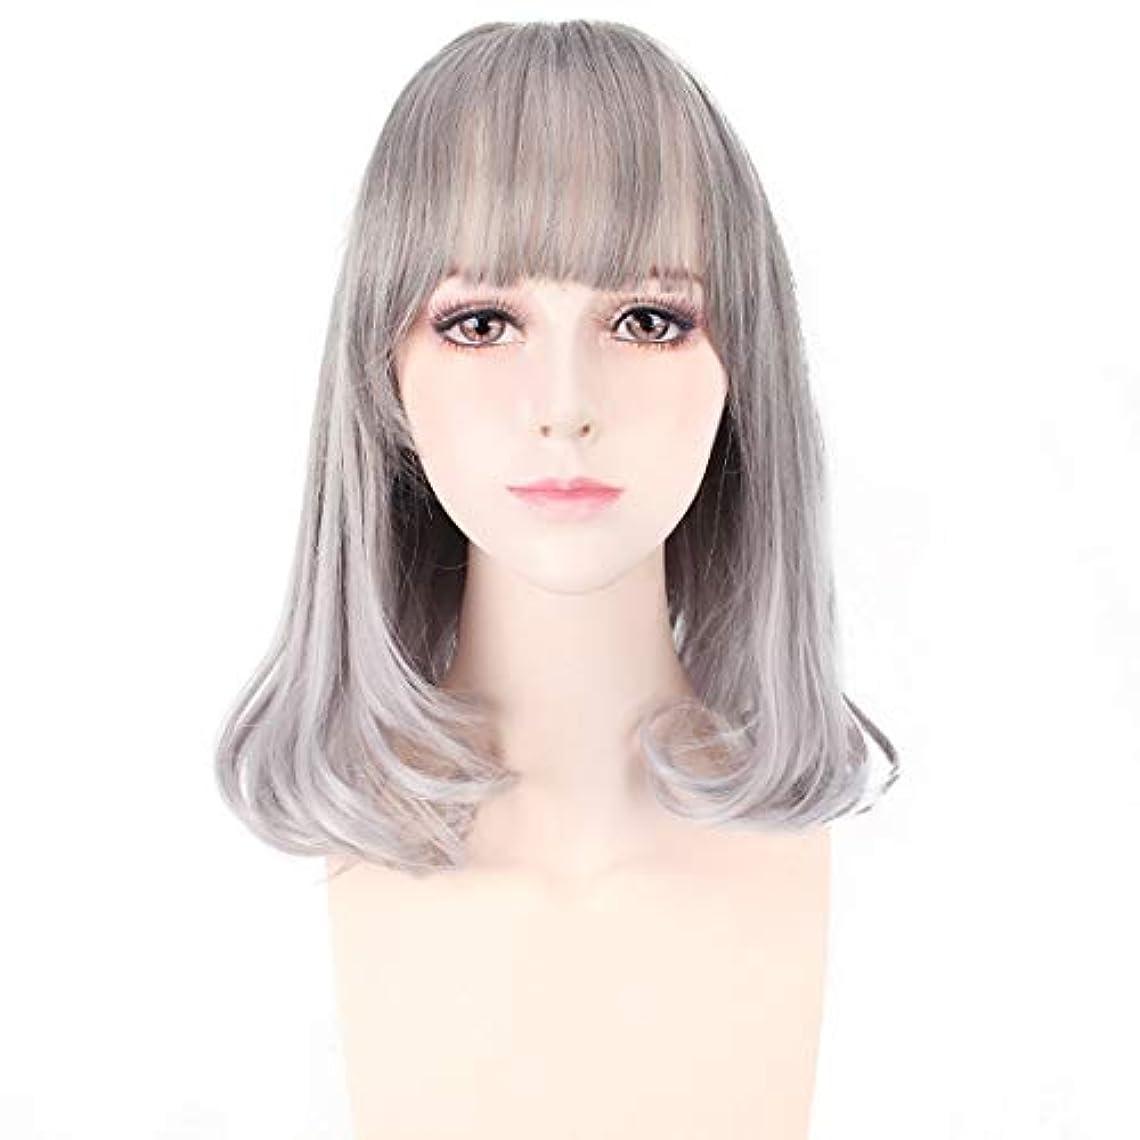 バンケットミンチ袋YOUQIU 女子チー前髪ショートヘアウェーブ頭ふわふわのリアルなガールウィッグウィッグ用ショートヘア (色 : Silver gray)